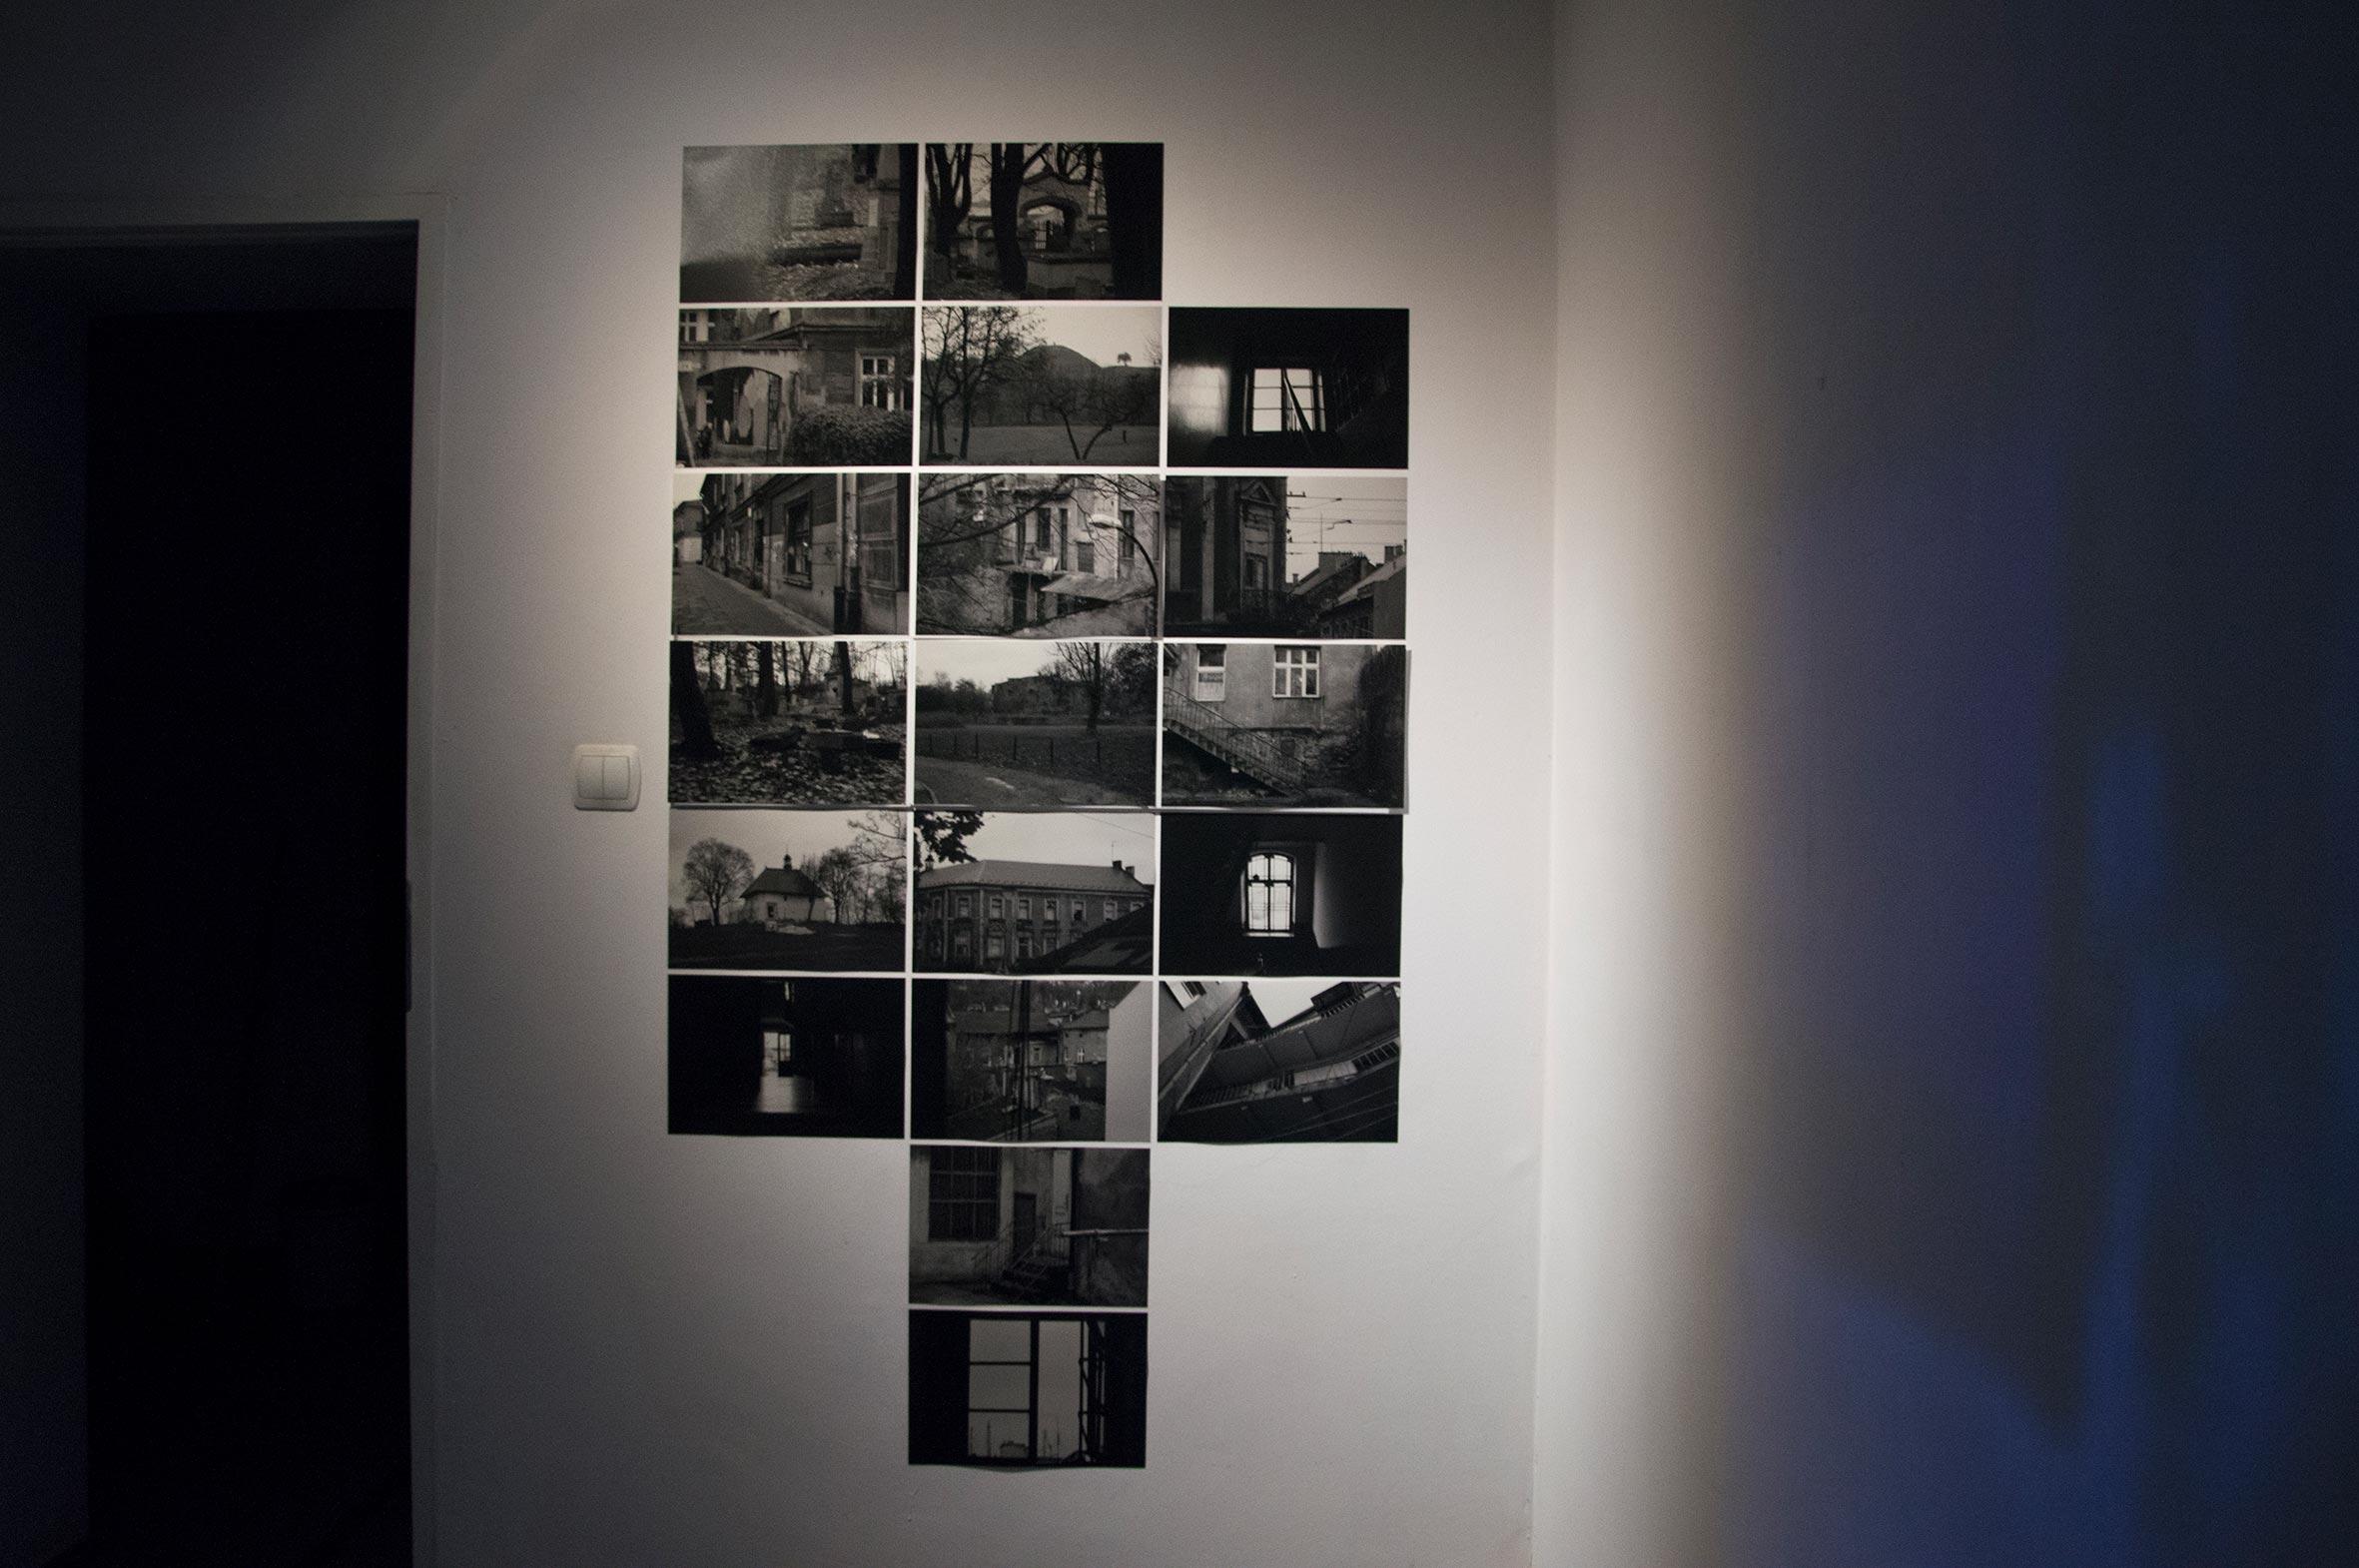 fotografie Podgórza - lokacje użyte w animacji